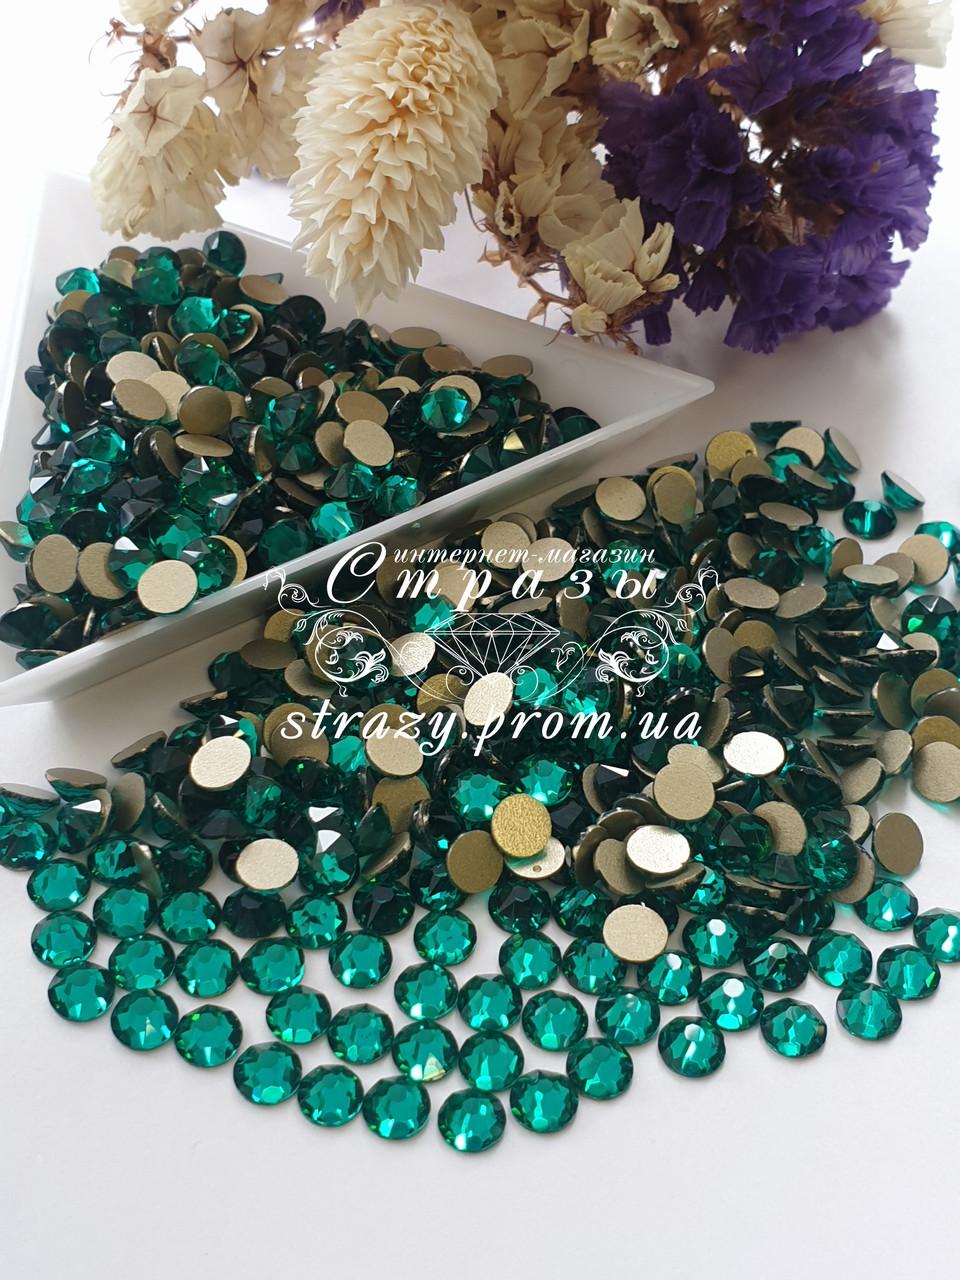 """Стразы ss20 Green Zircon Xirius 8+8, 100шт. (5.0мм) """"Crystal Premium"""""""